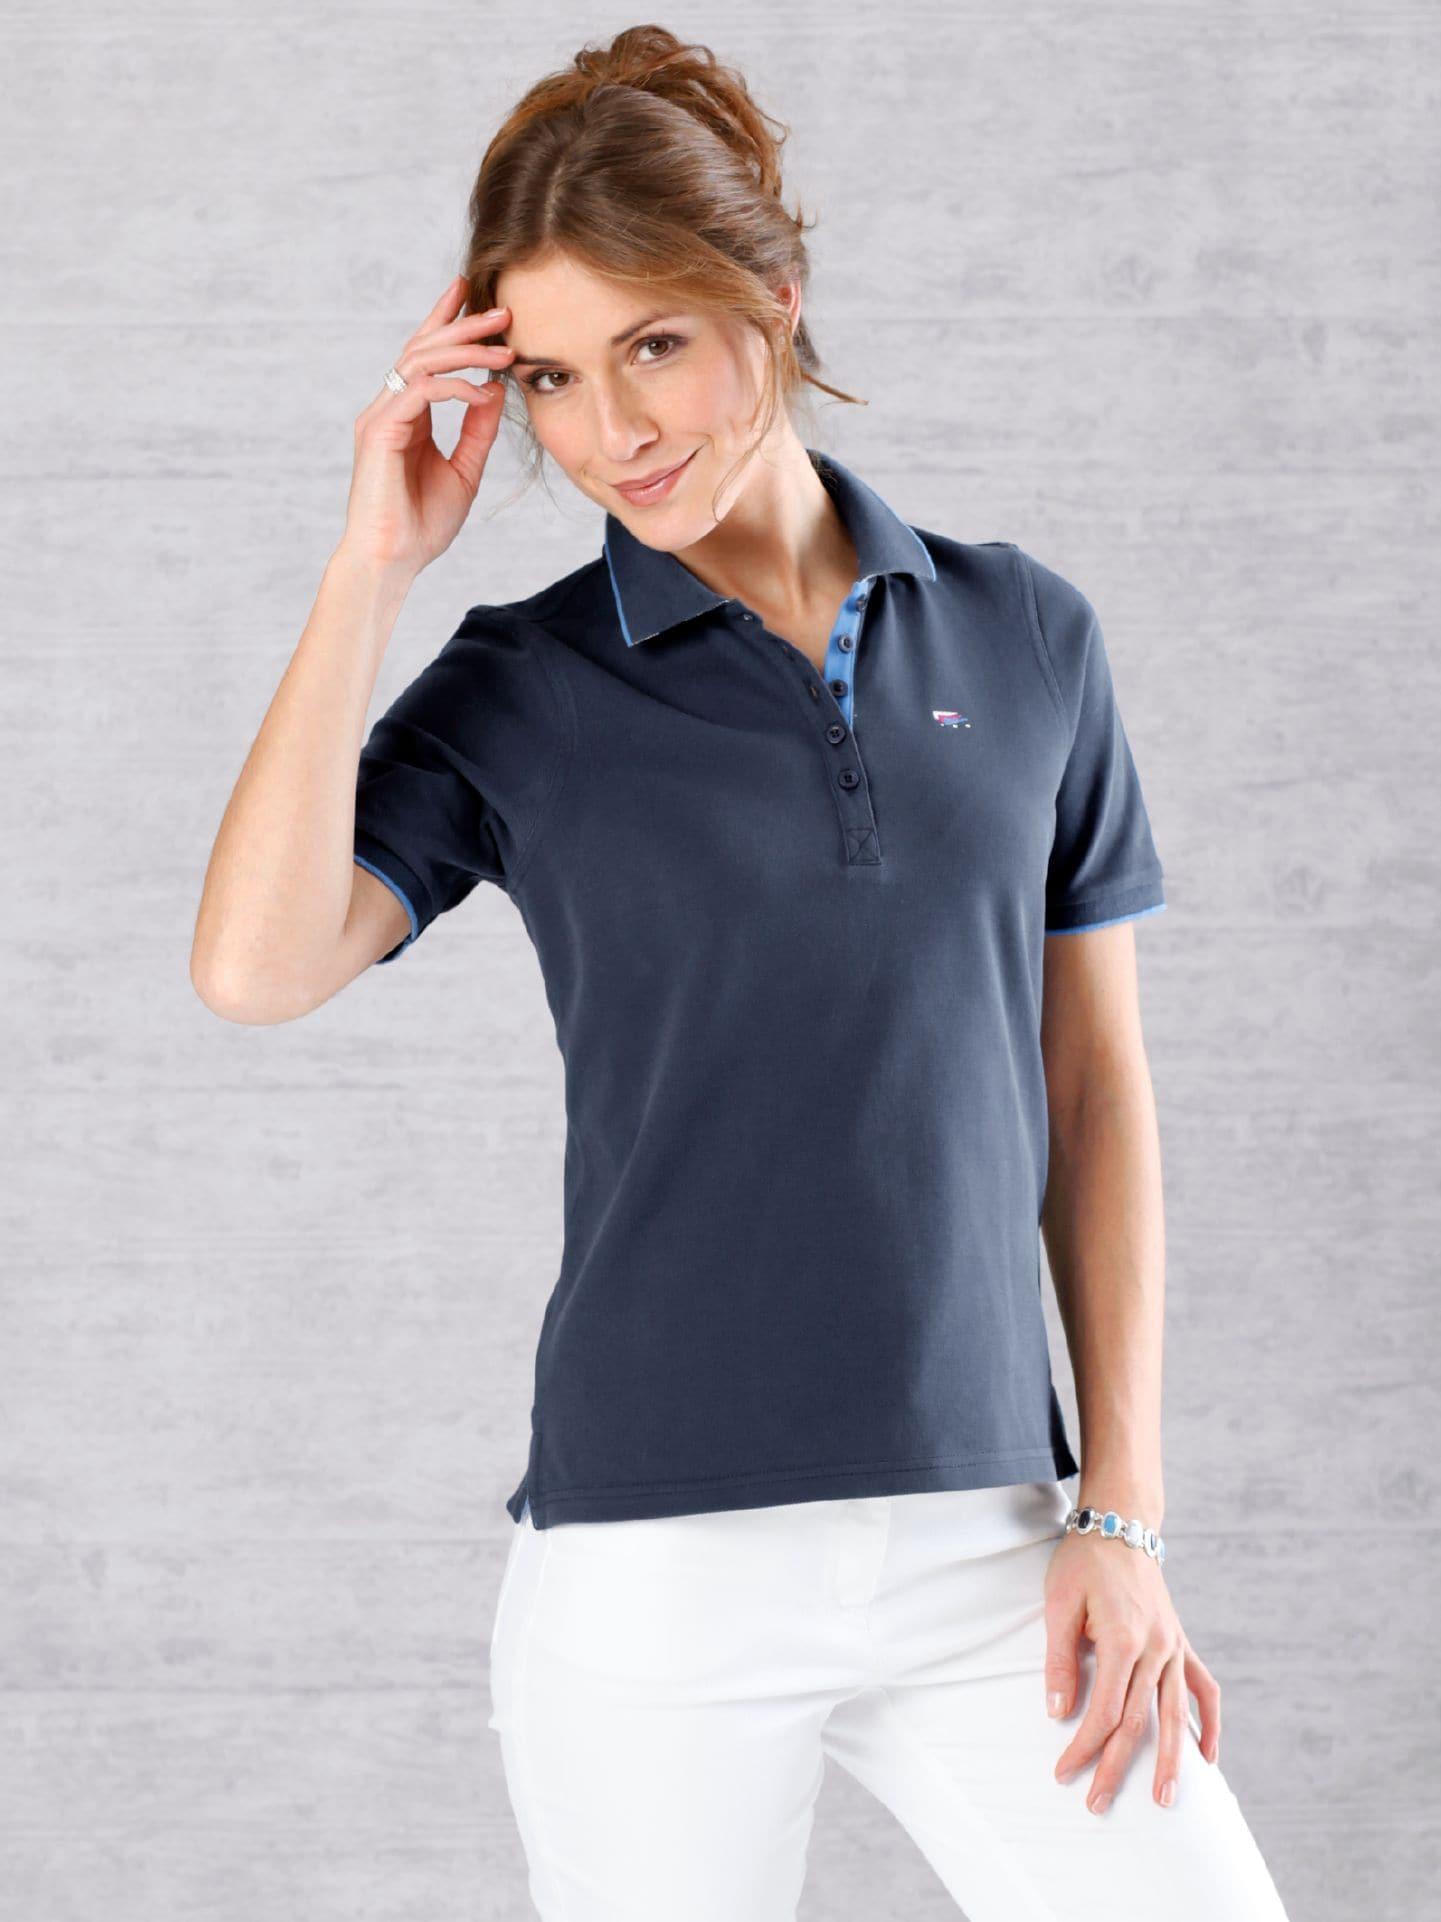 a6a8d5423f798a Maritim-Polo im Online-Shop bequem kaufen